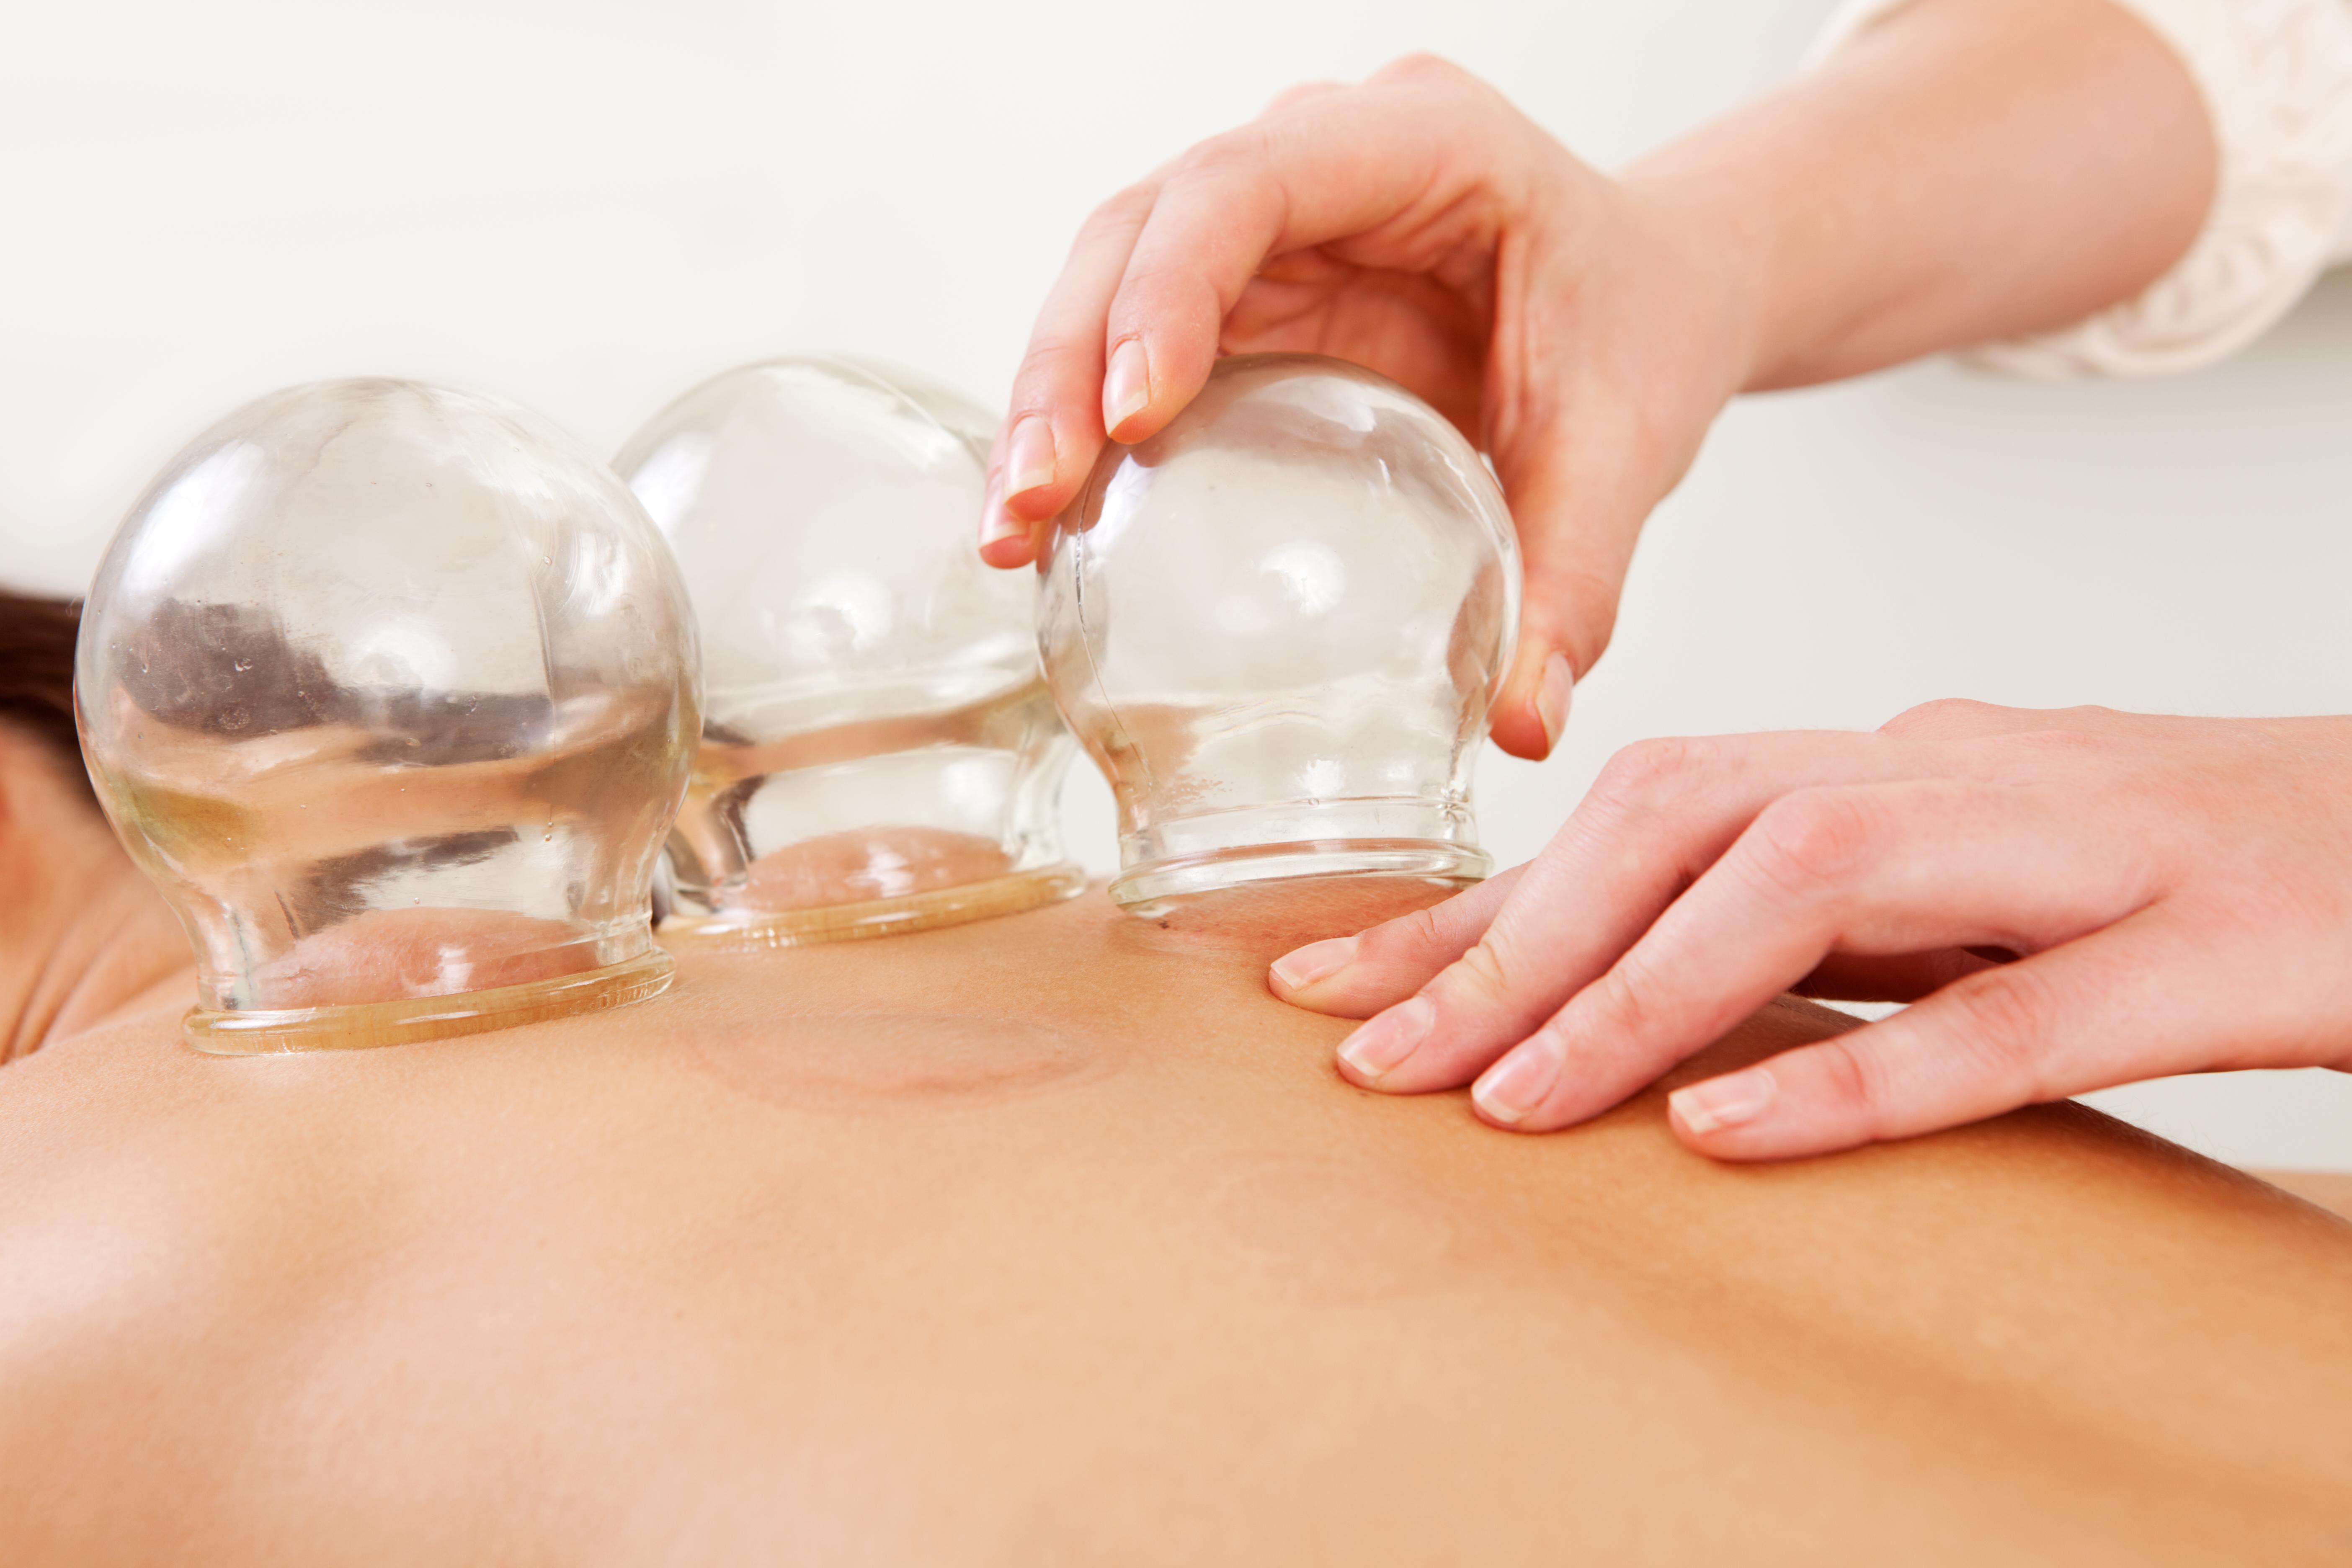 Шейно-грудной остеохондроз симптомы лечение уколы